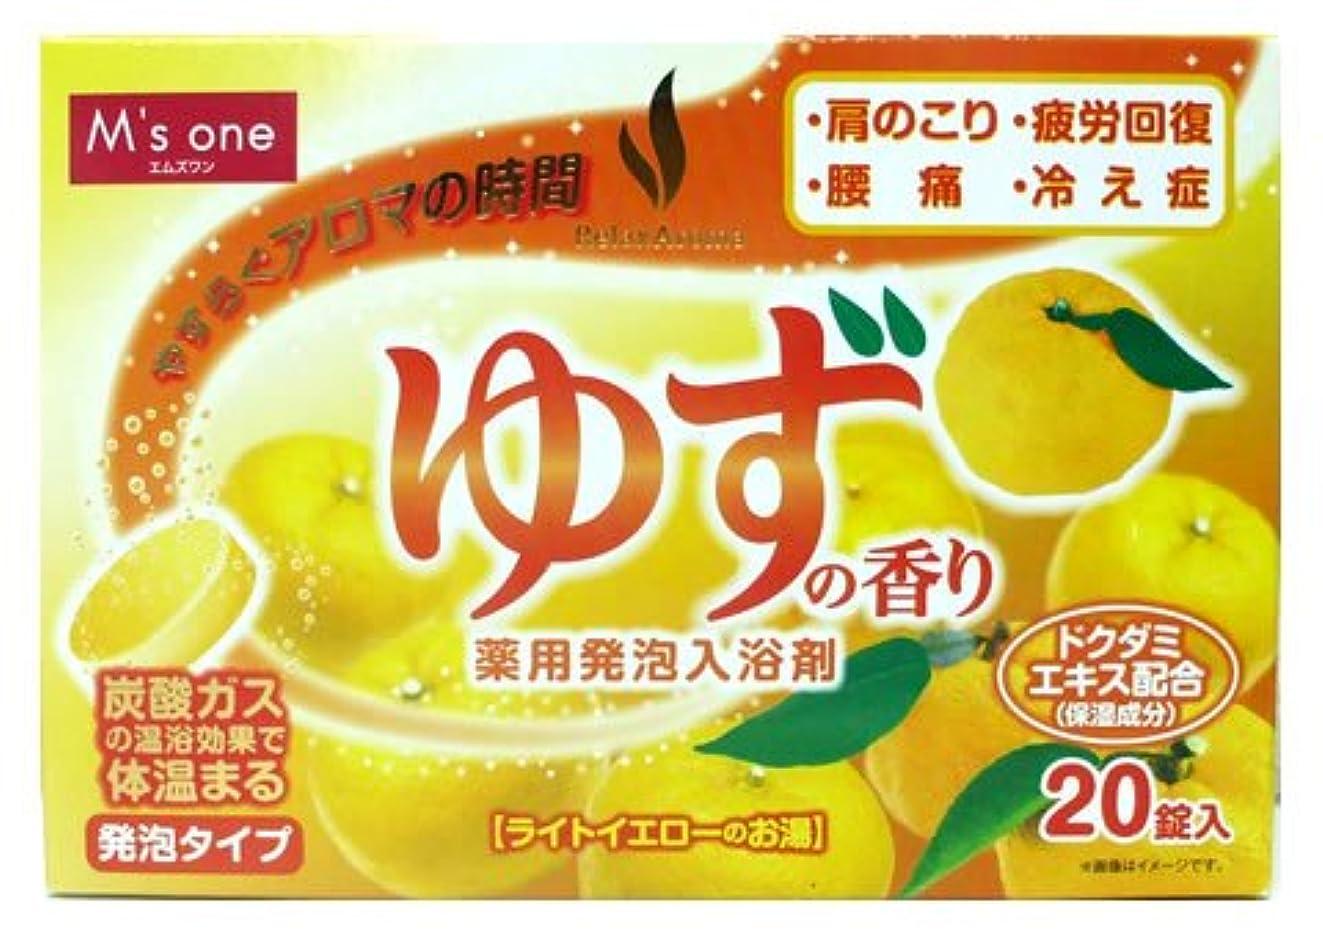 うがい広がりあなたのものエムズワン 薬用入浴剤 柚子の香り 発泡入浴剤 (40g×20錠入) 【医薬部外品】